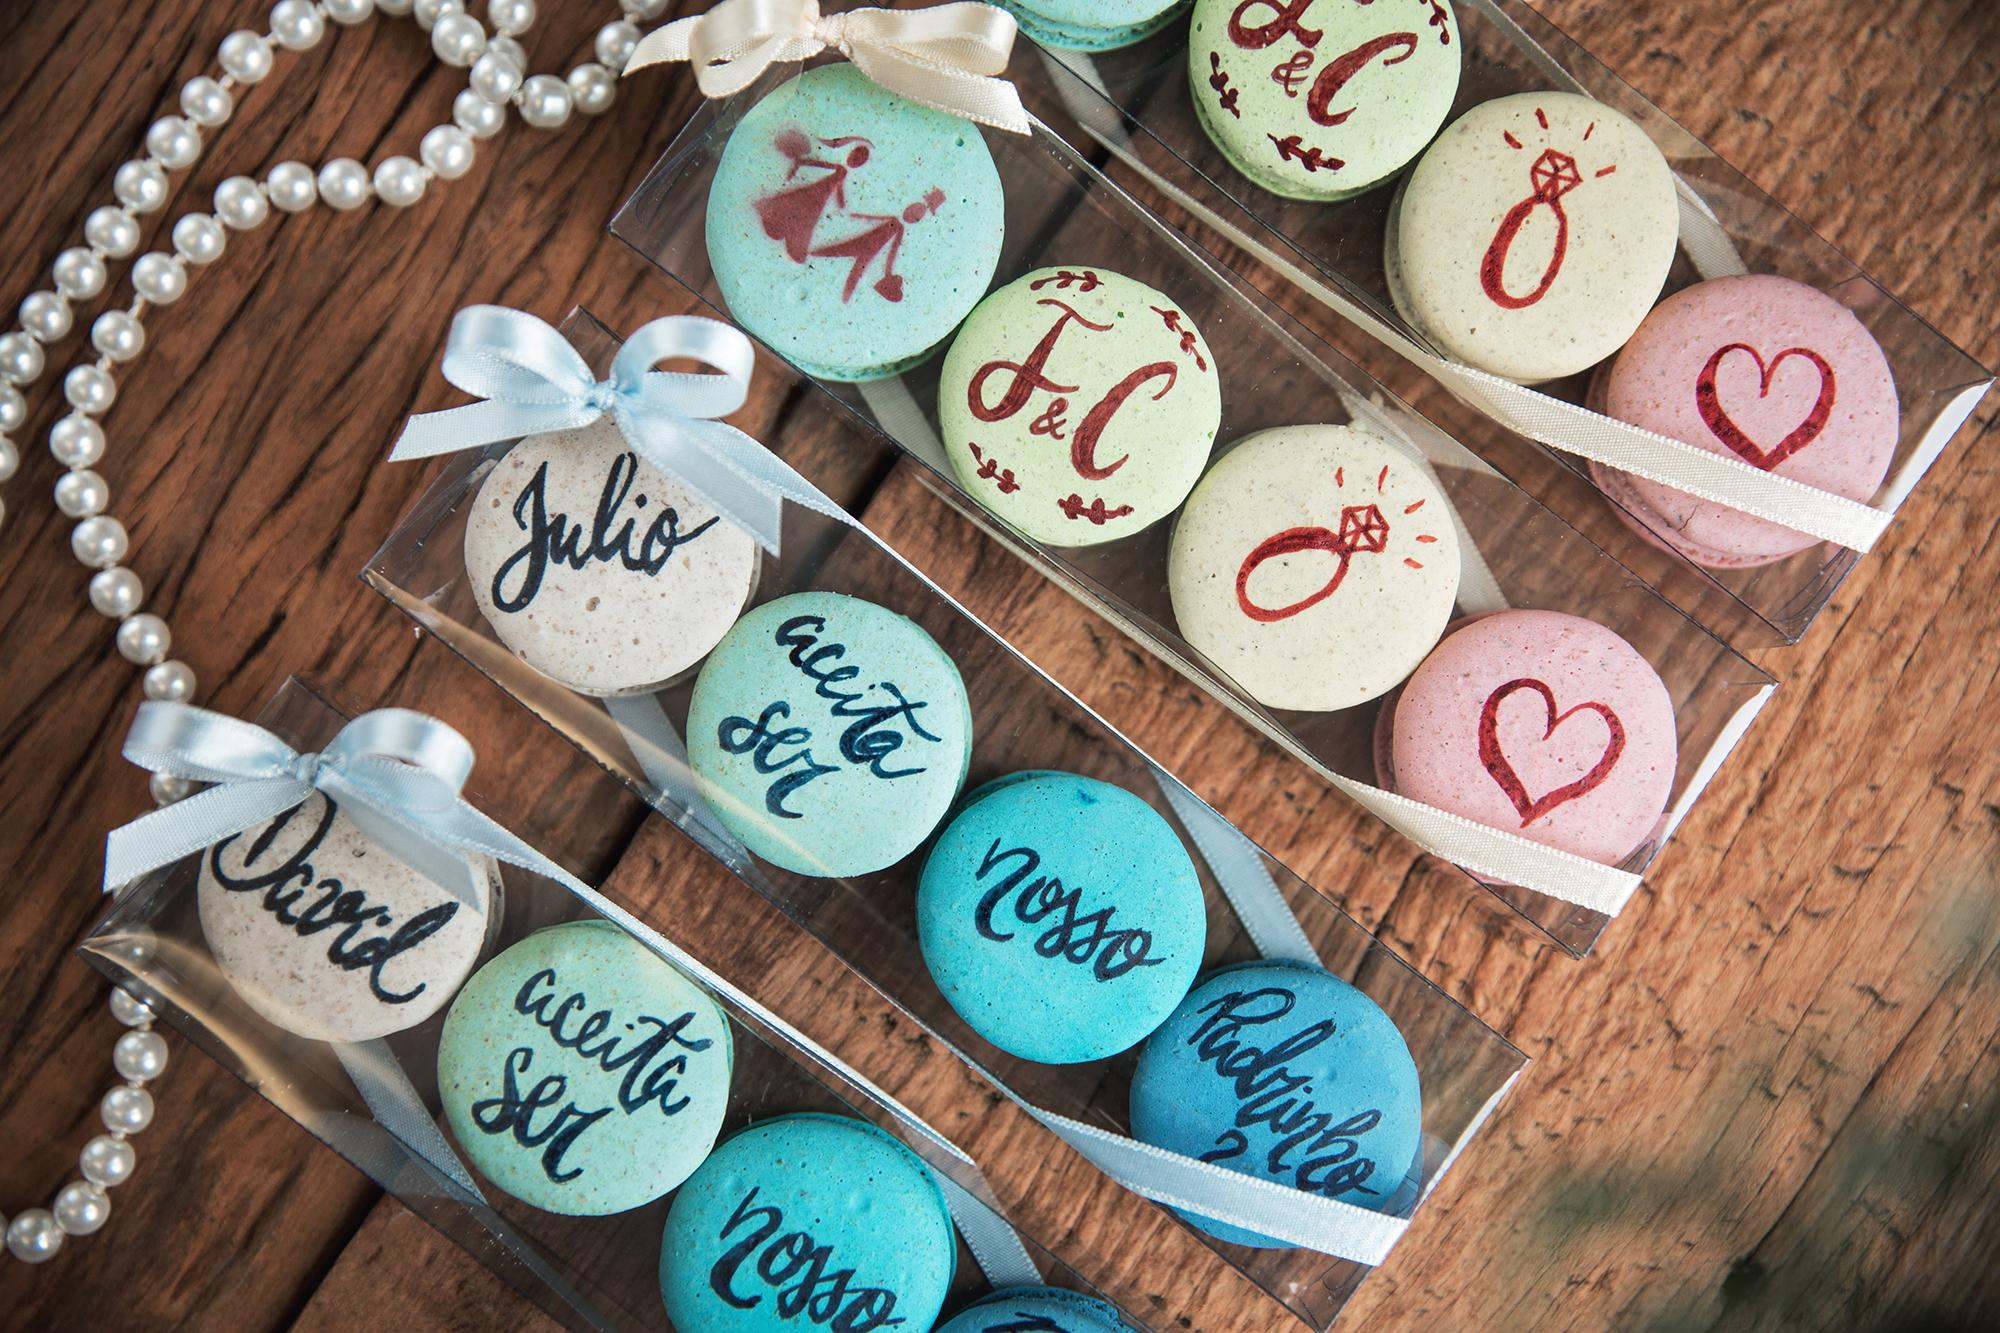 Lembrancinhas de casamento: Ideias incríveis para presentear os convidados